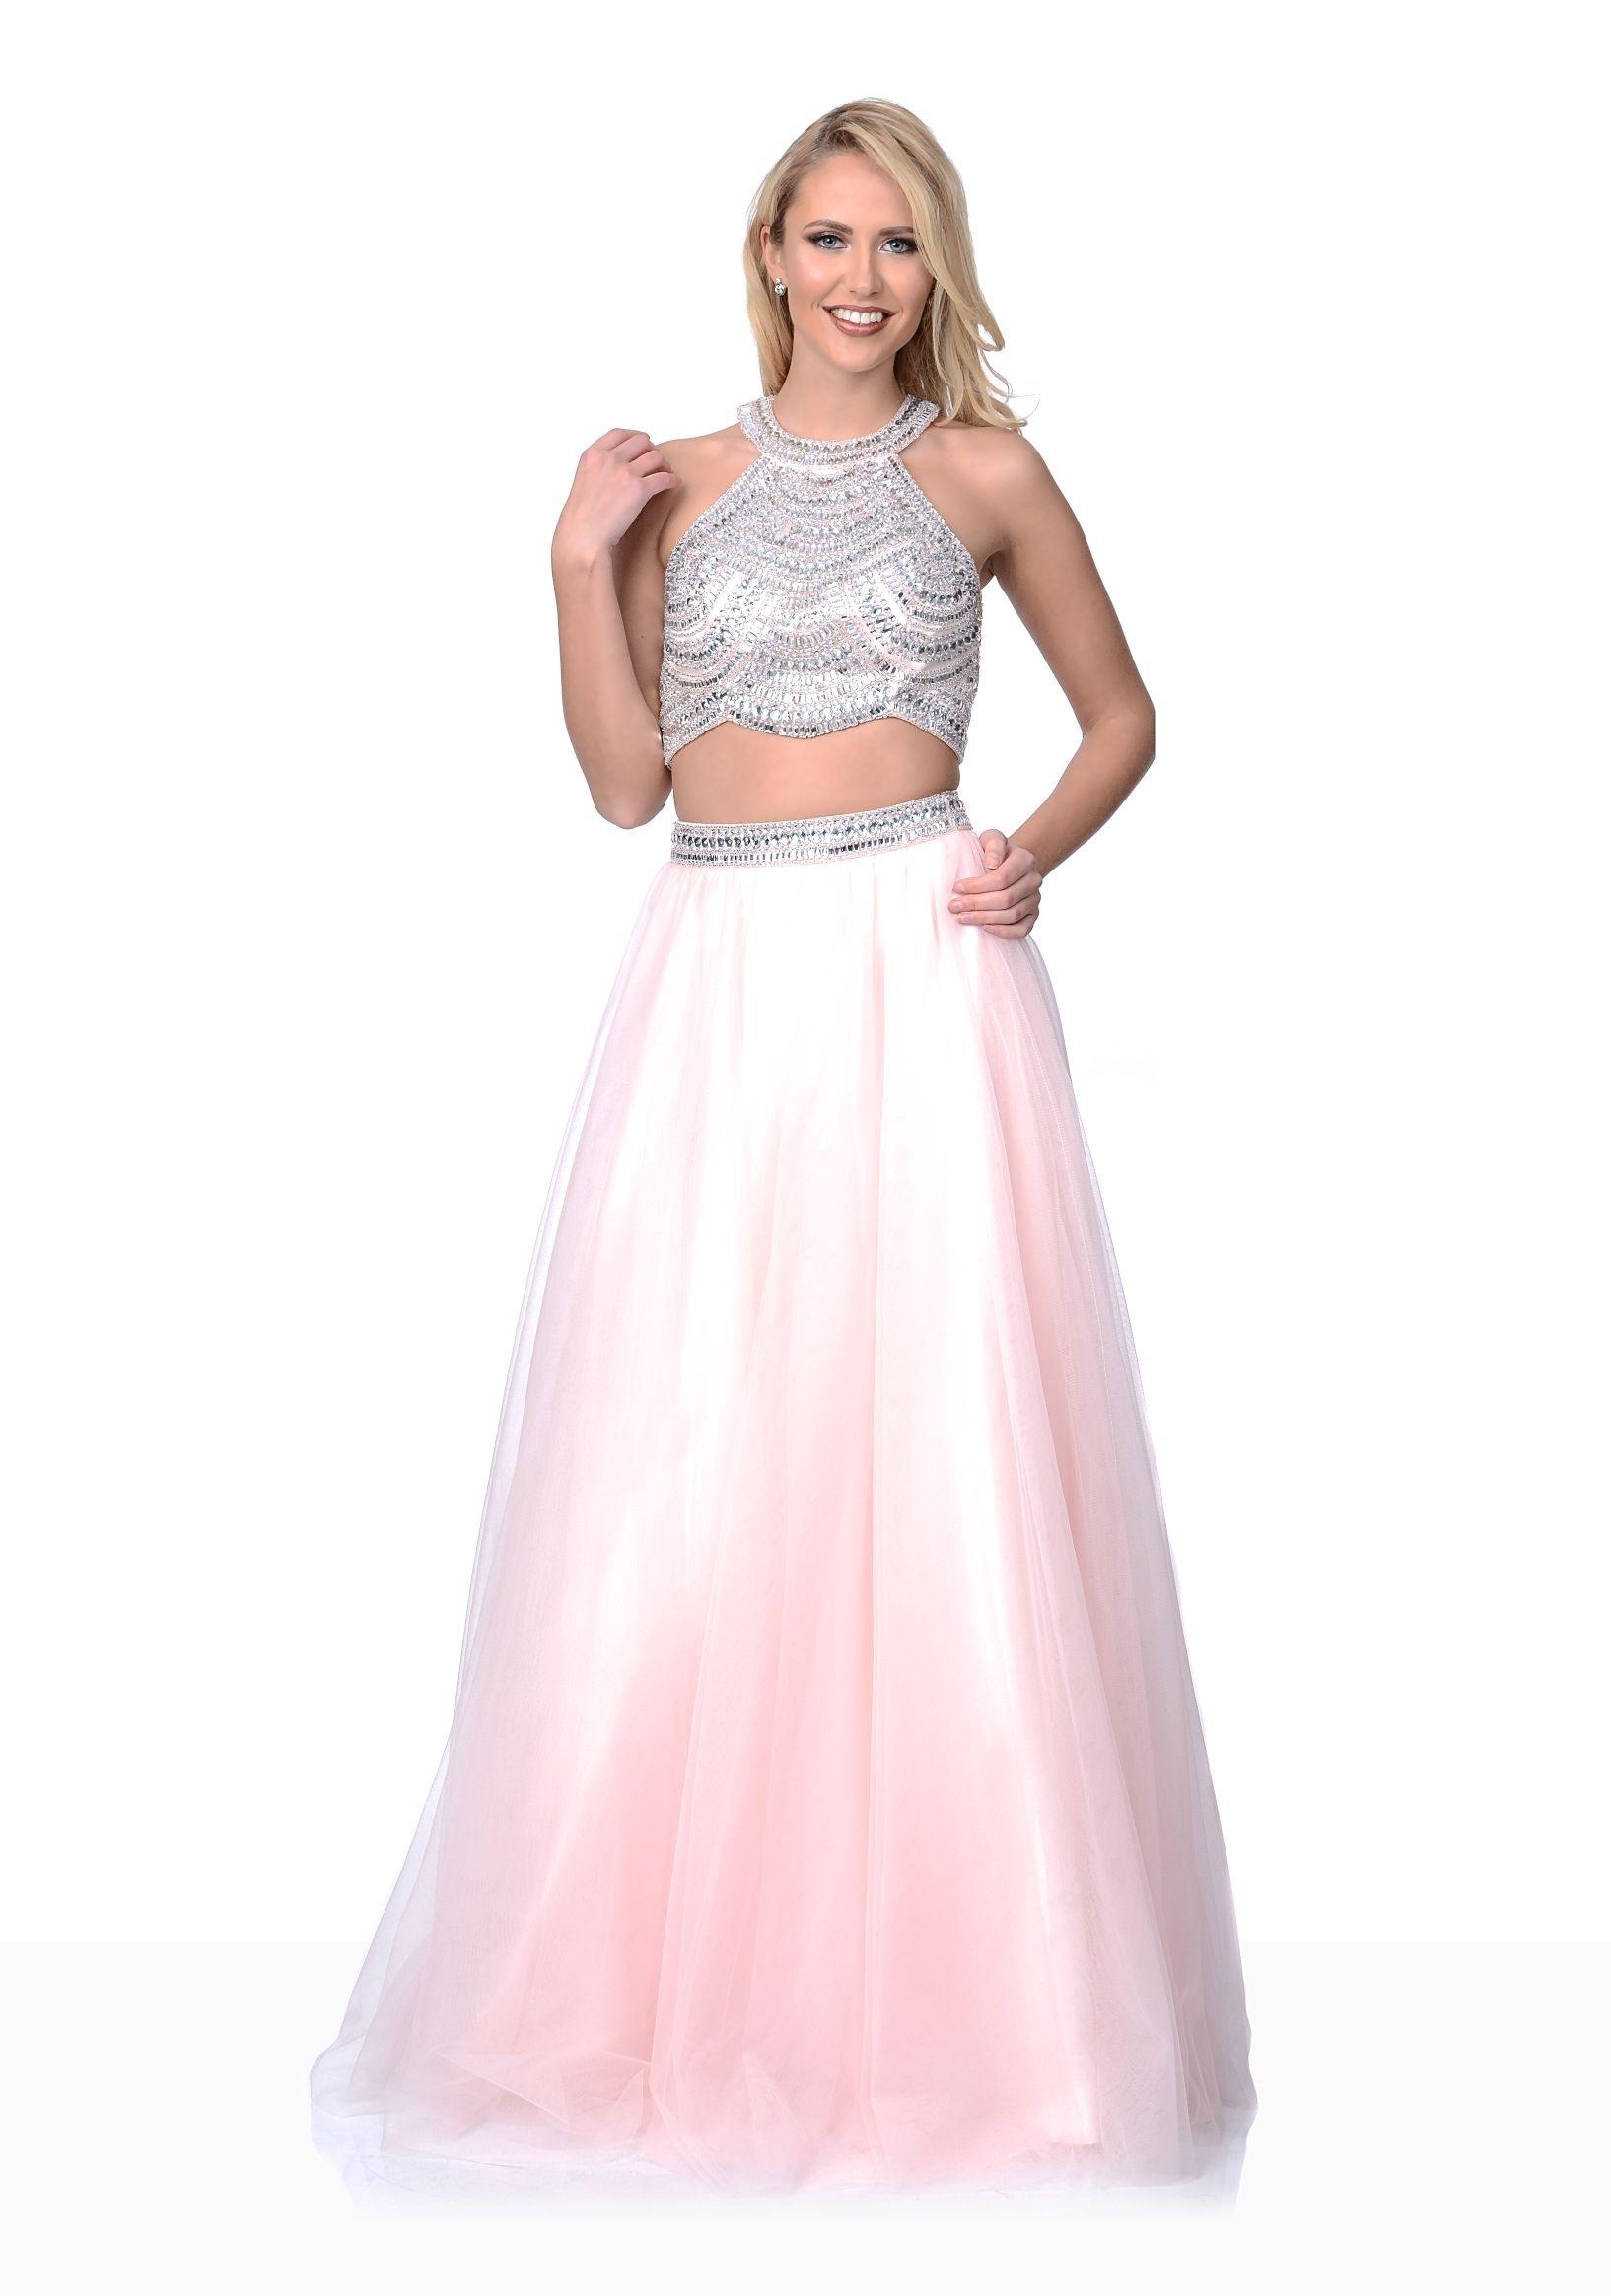 15 Genial Kleider Für Hochzeit Günstig Kaufen Vertrieb Schön Kleider Für Hochzeit Günstig Kaufen Vertrieb